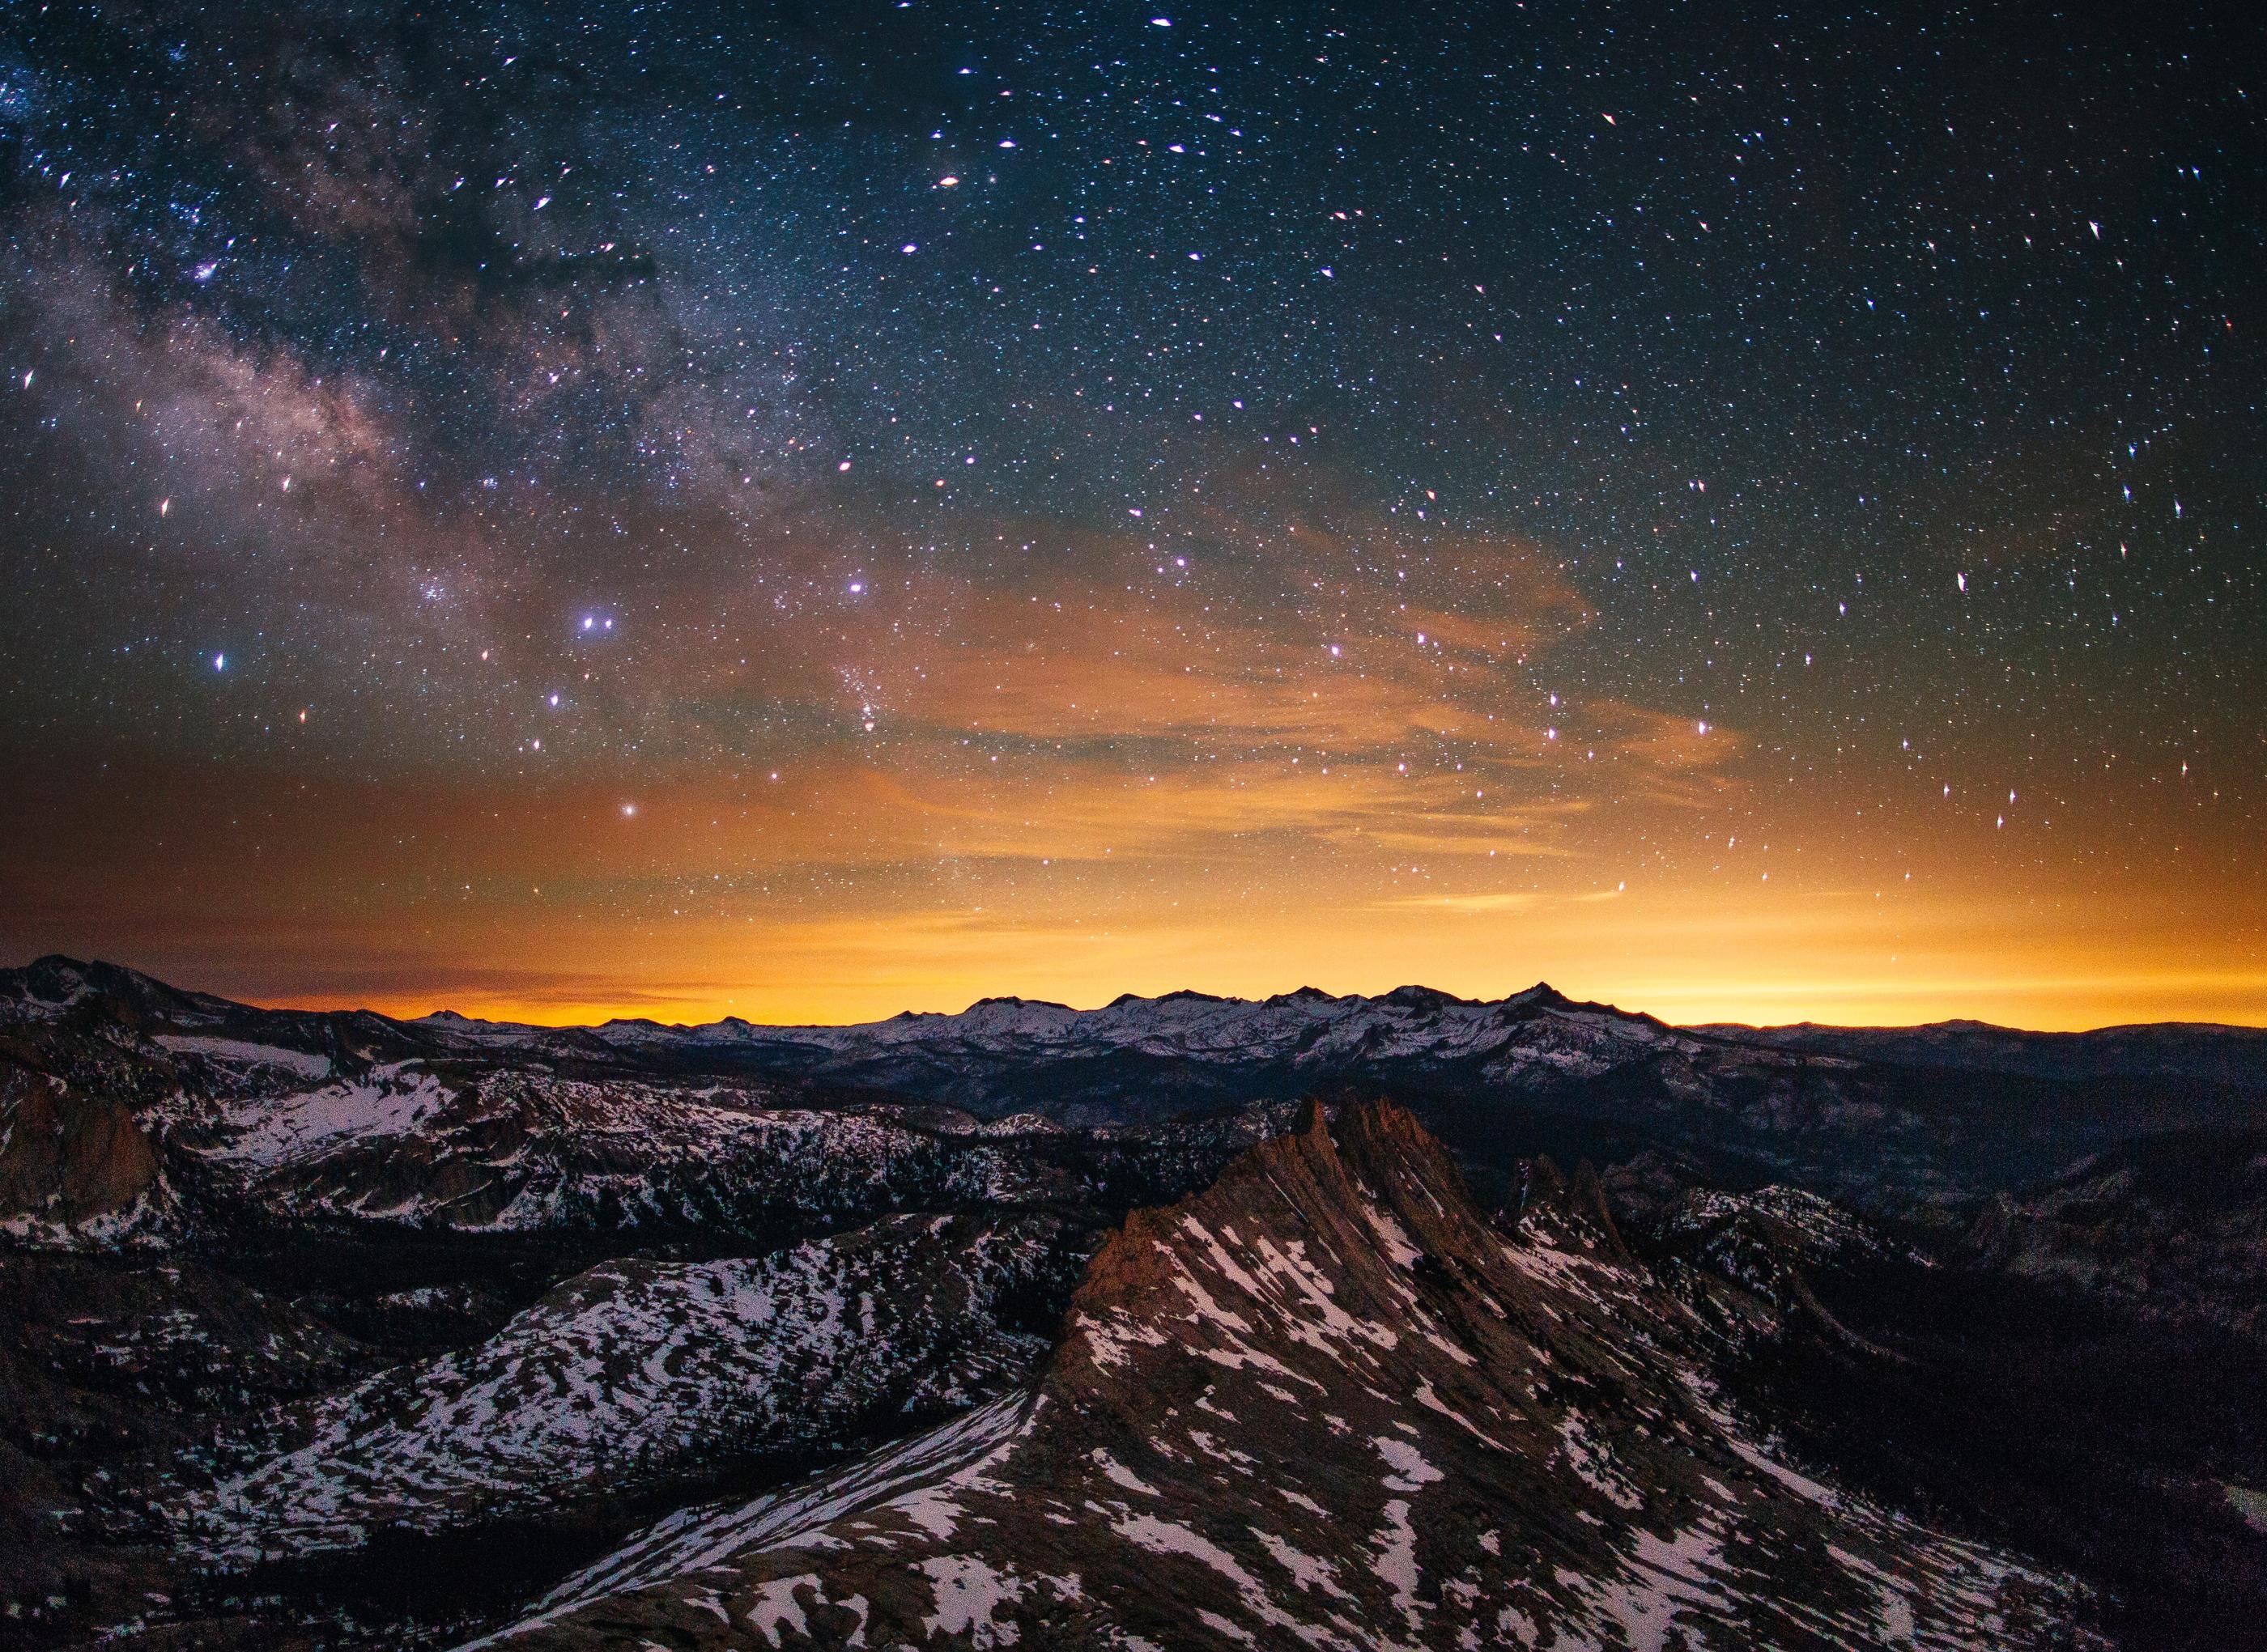 Imagenes Fondos De Pantalla: Fondo De Pantalla Semanal: Parque Nacional De Yosemite